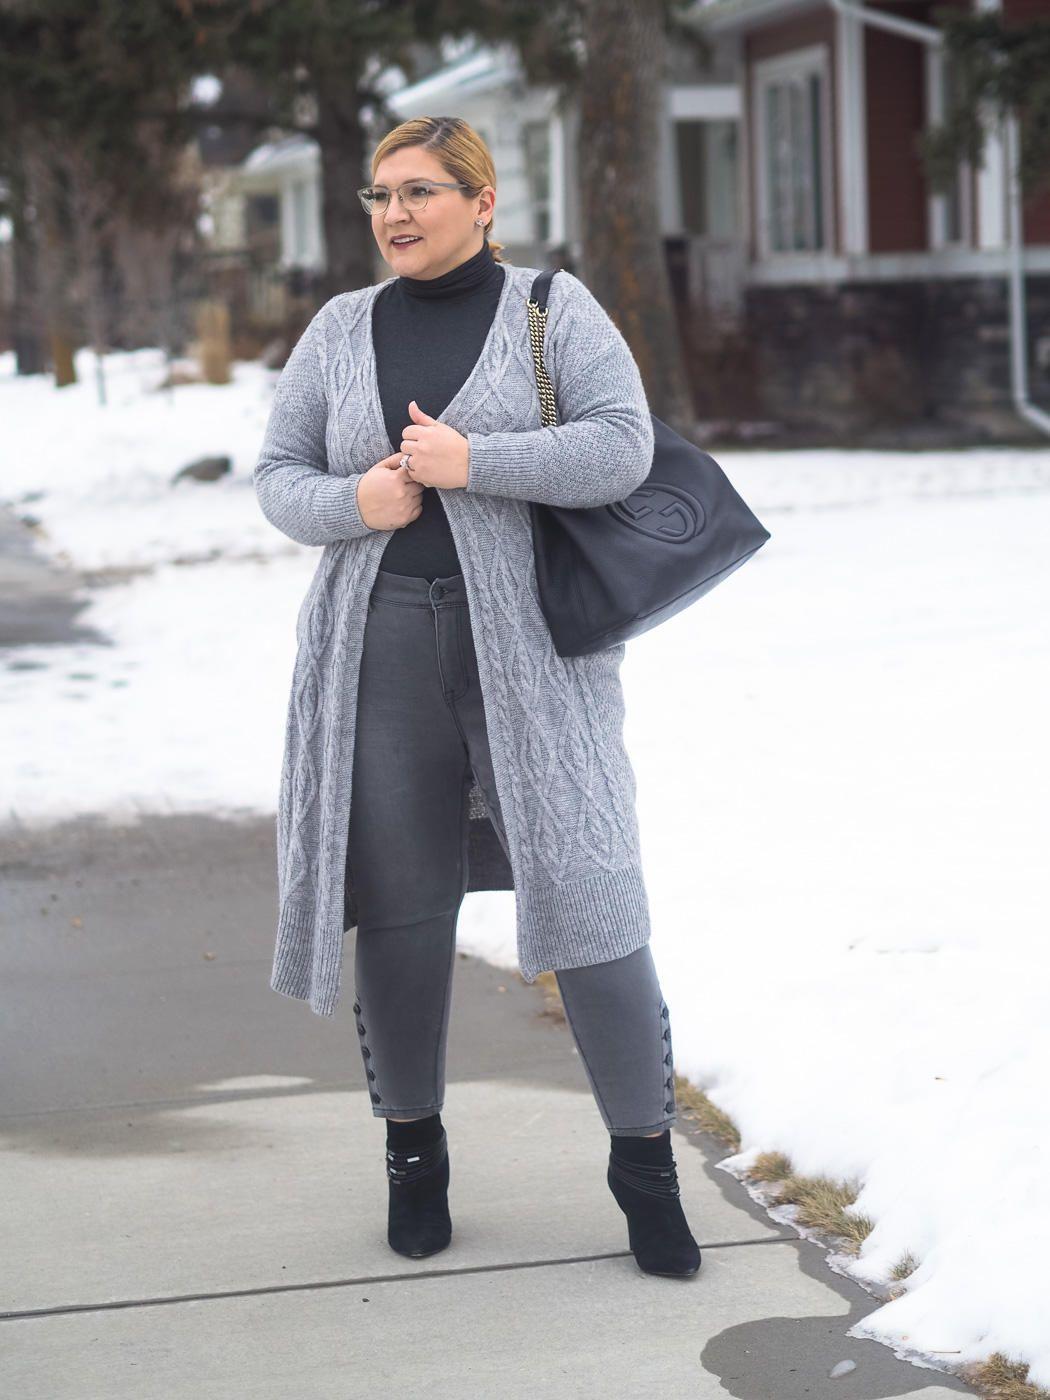 08ead9b8b All grey outfit, skinny jeans, Gucci, cardigan, knitwear, winter fashion,  plus size, curvy fashion blogger, over 40 fashion,